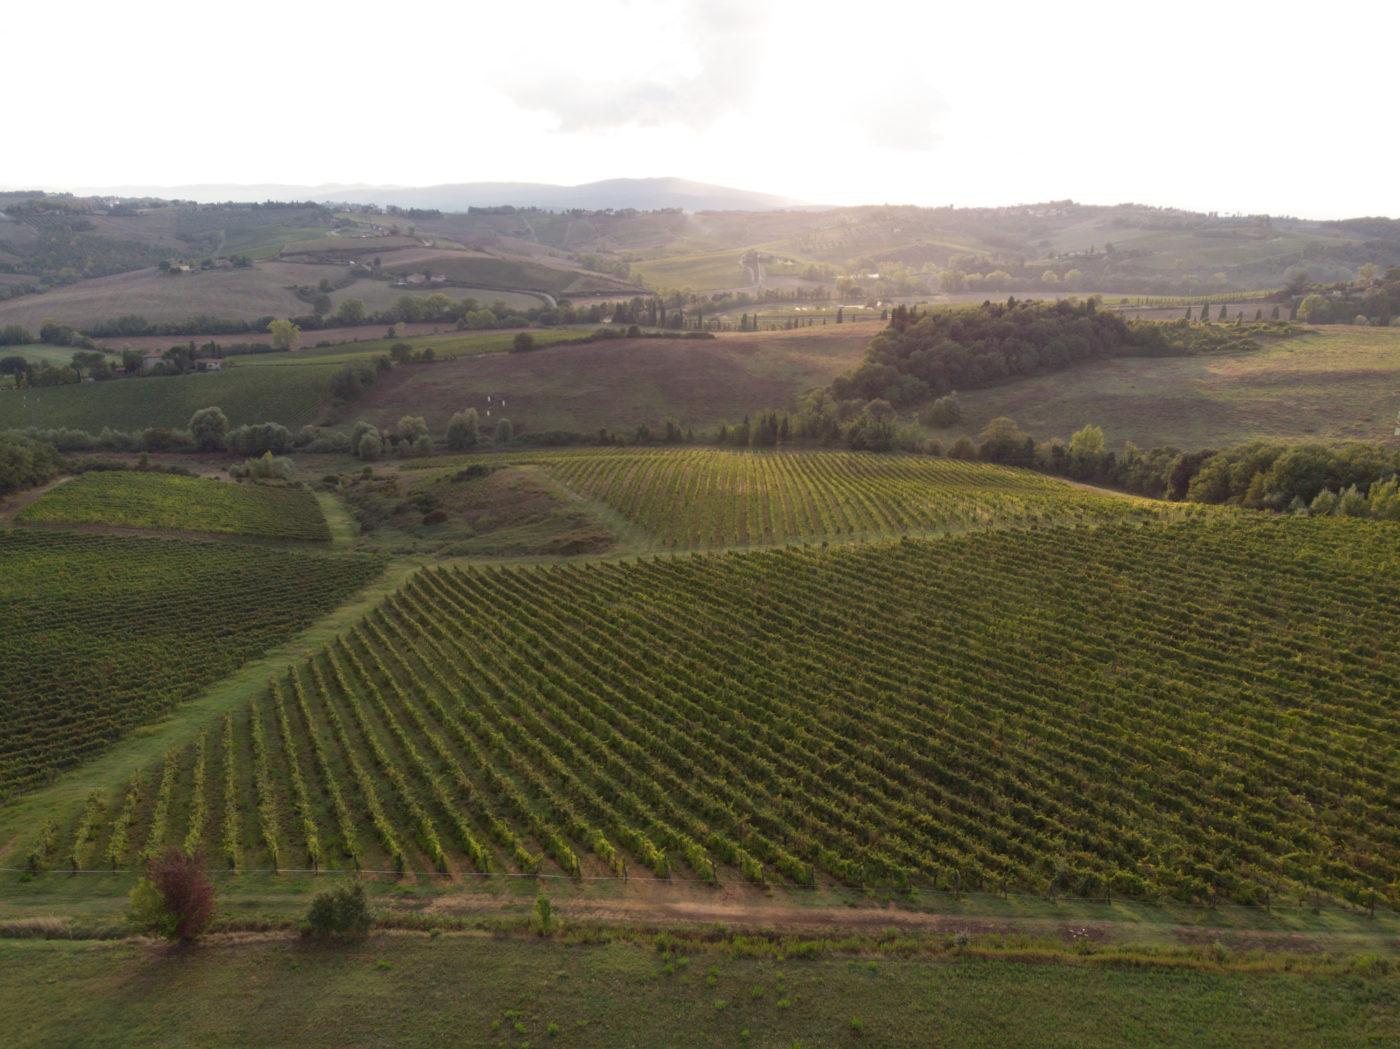 Winemaker Leonardo Da Vinci